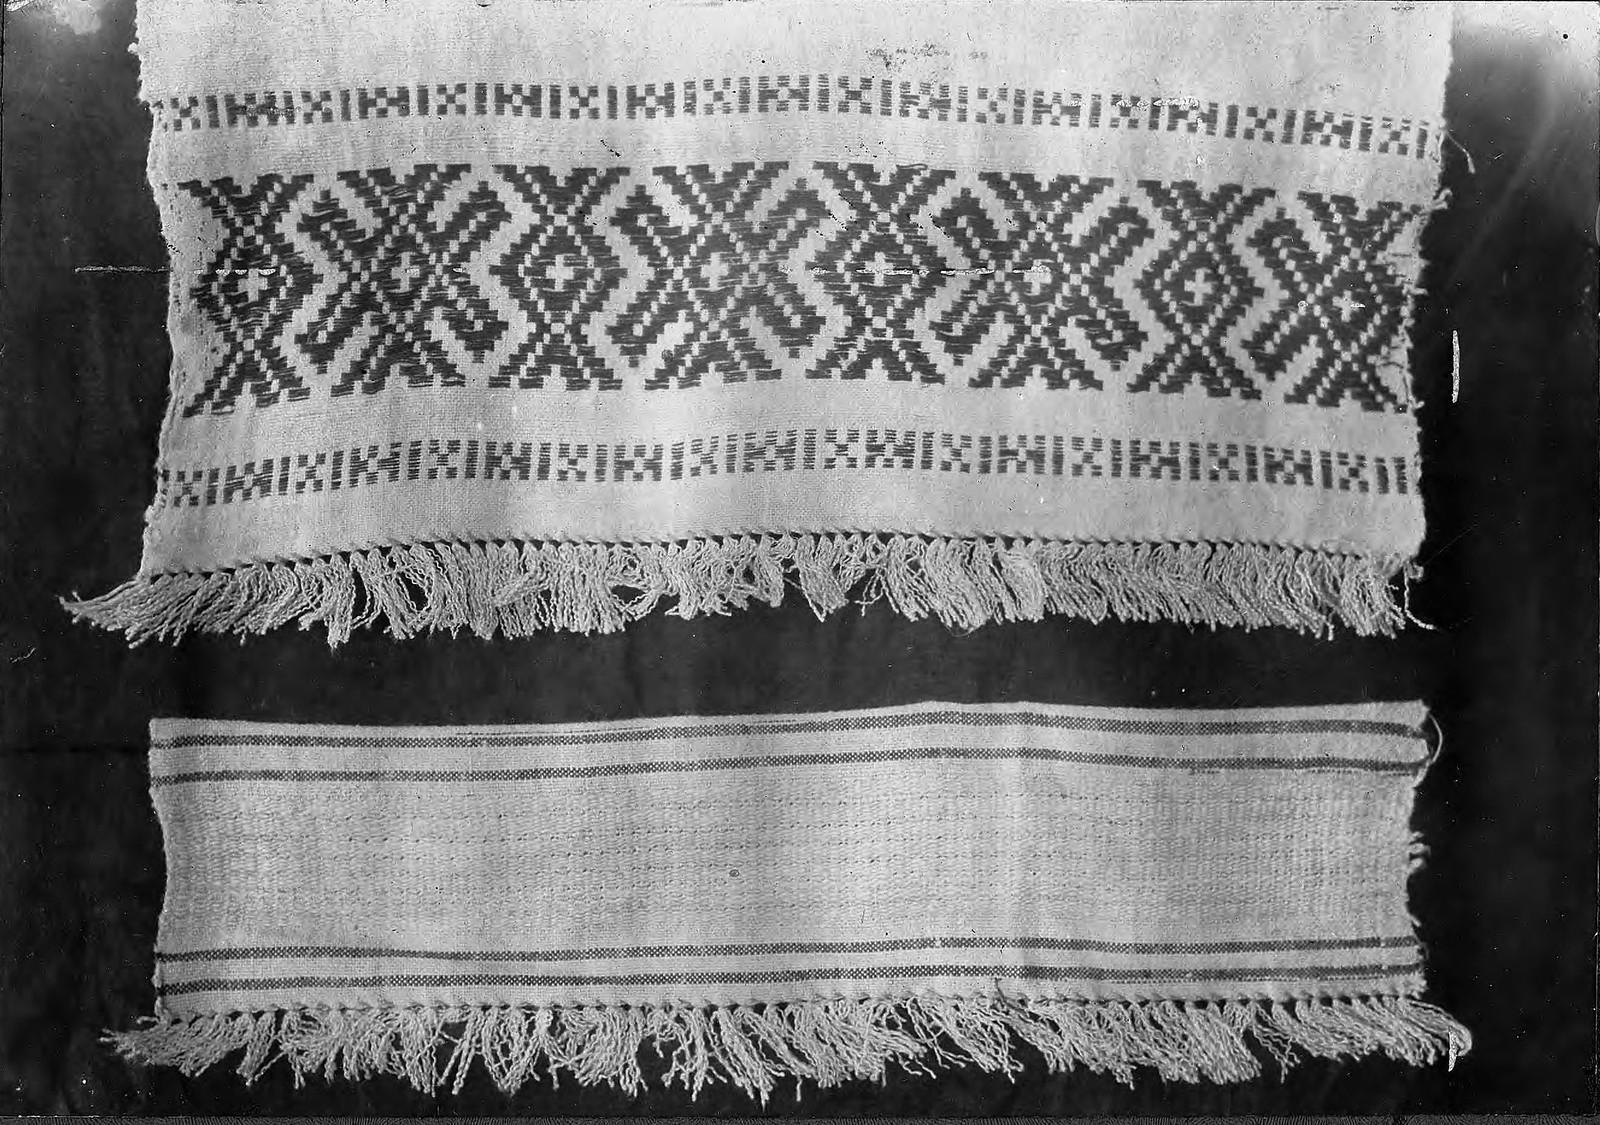 Образцы полотенец с браными концами